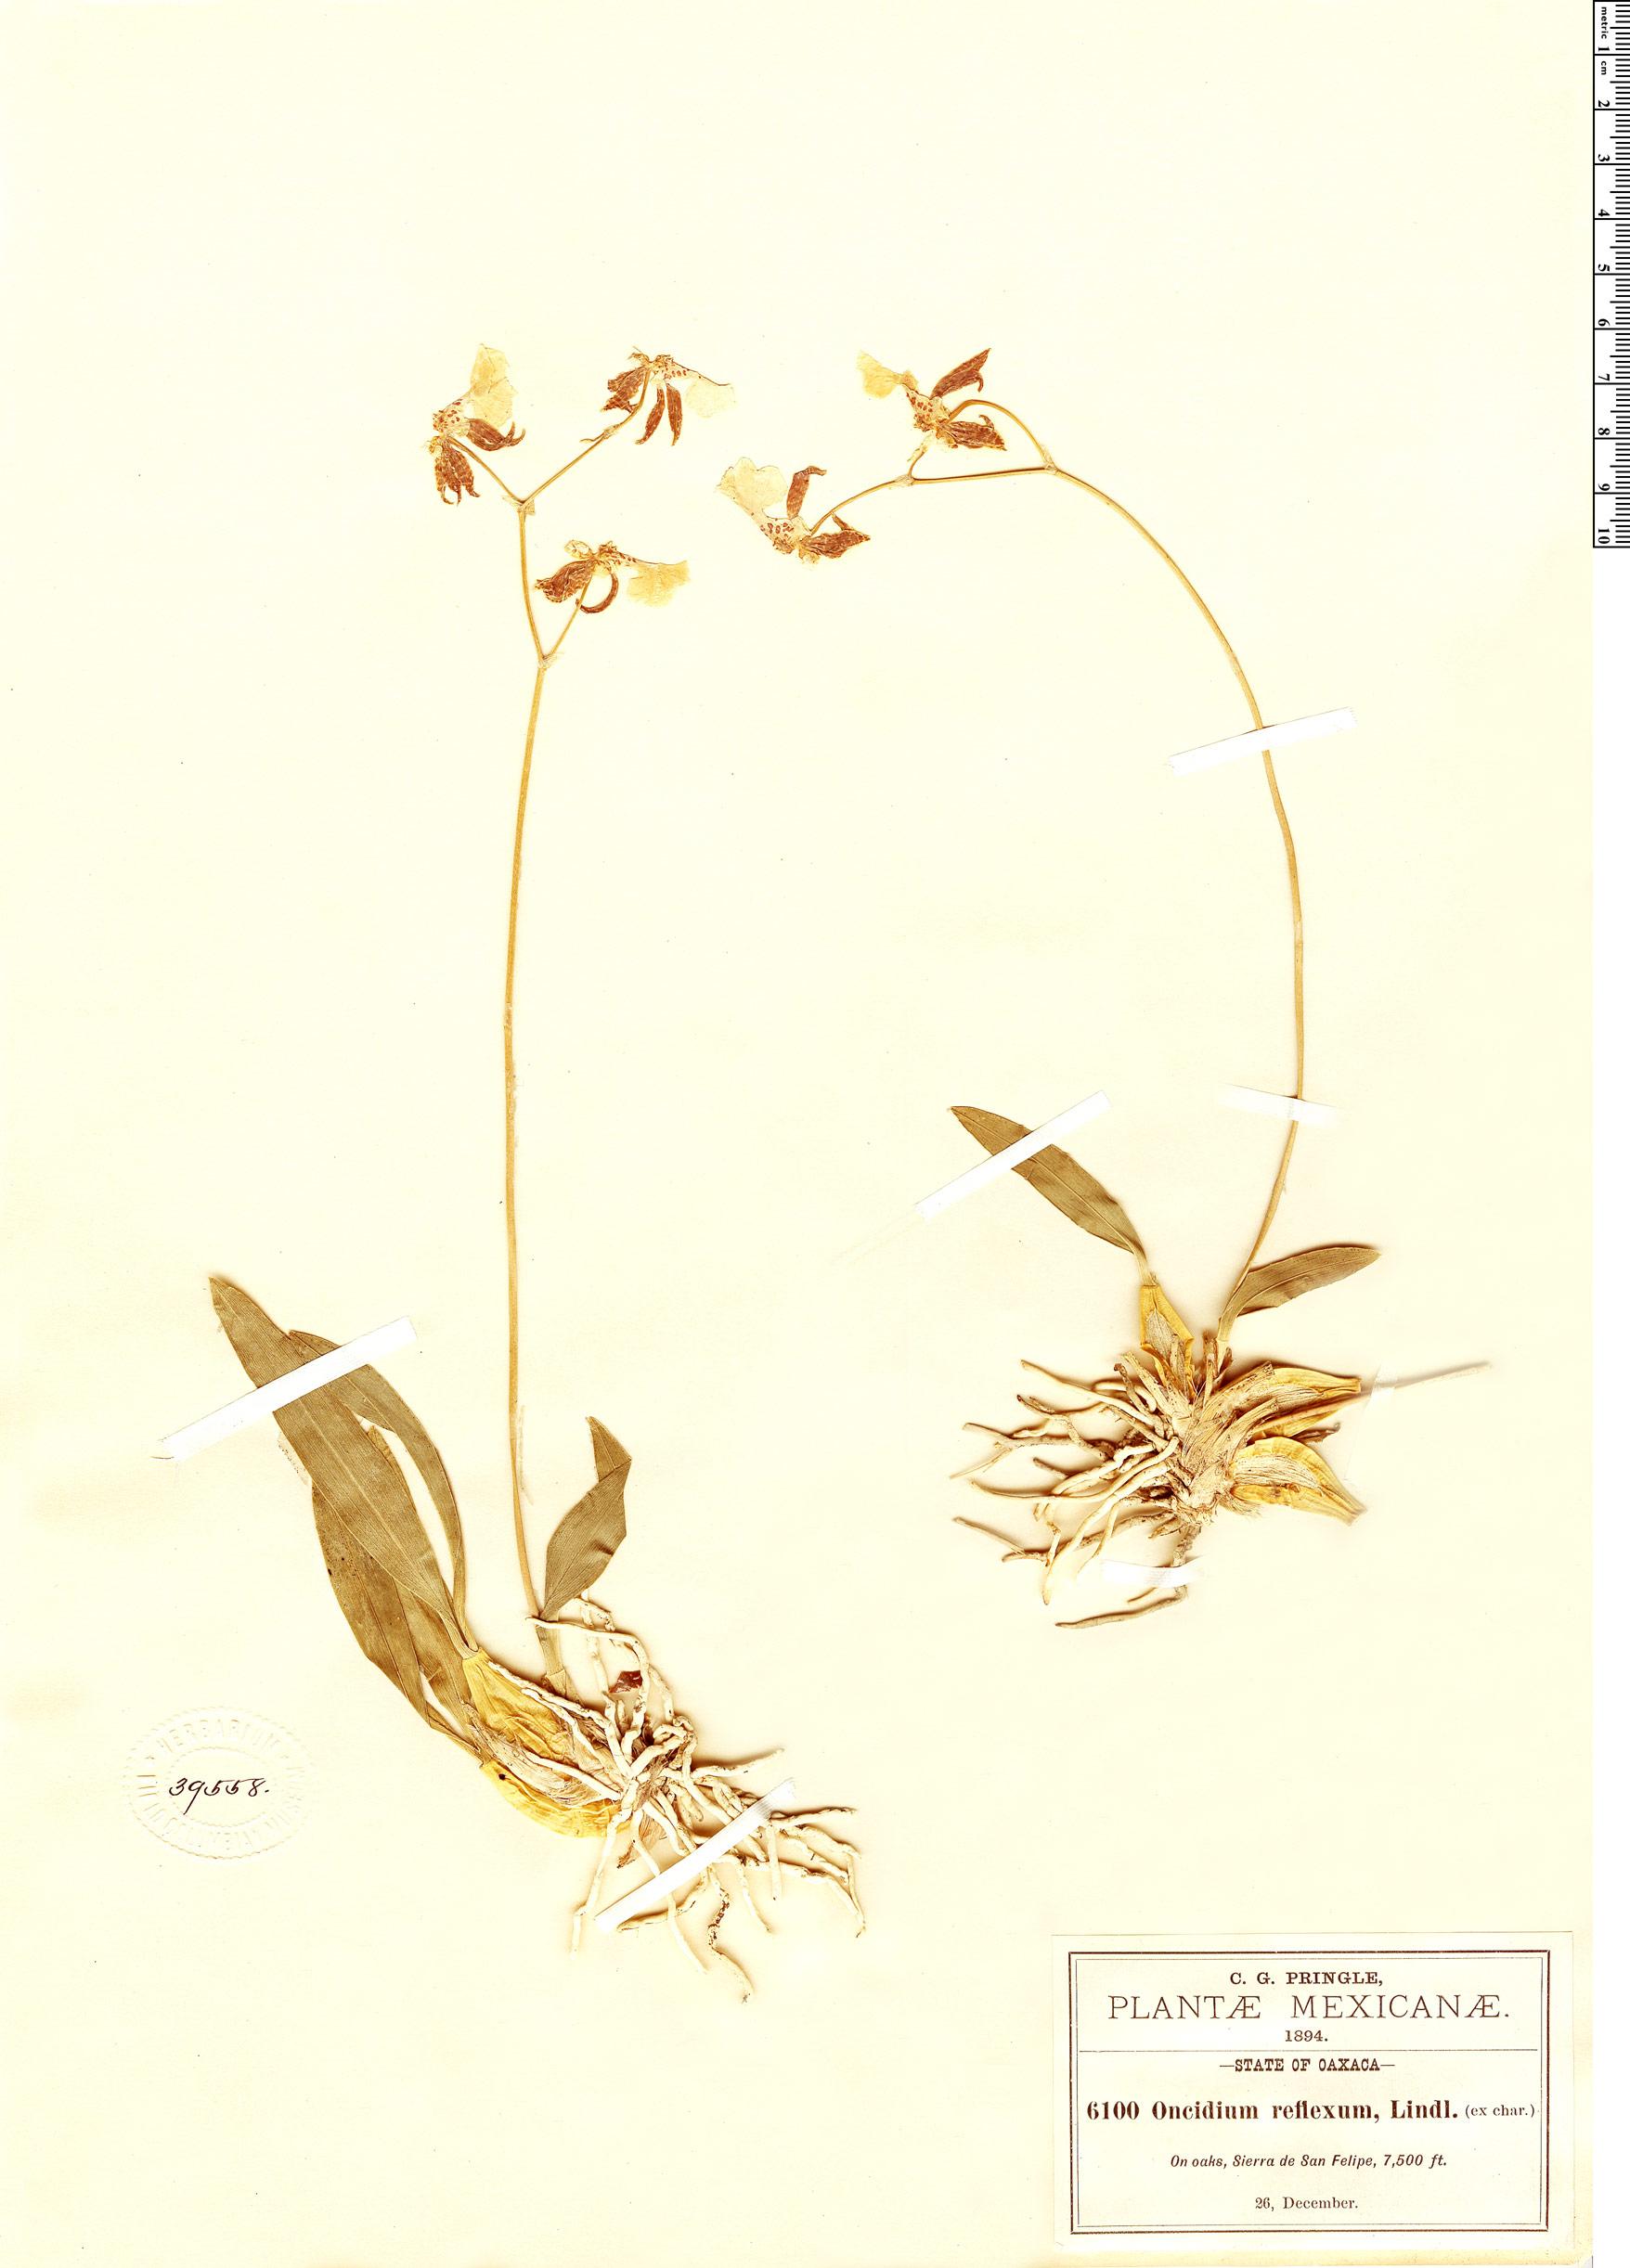 Specimen: Oncidium reflexum